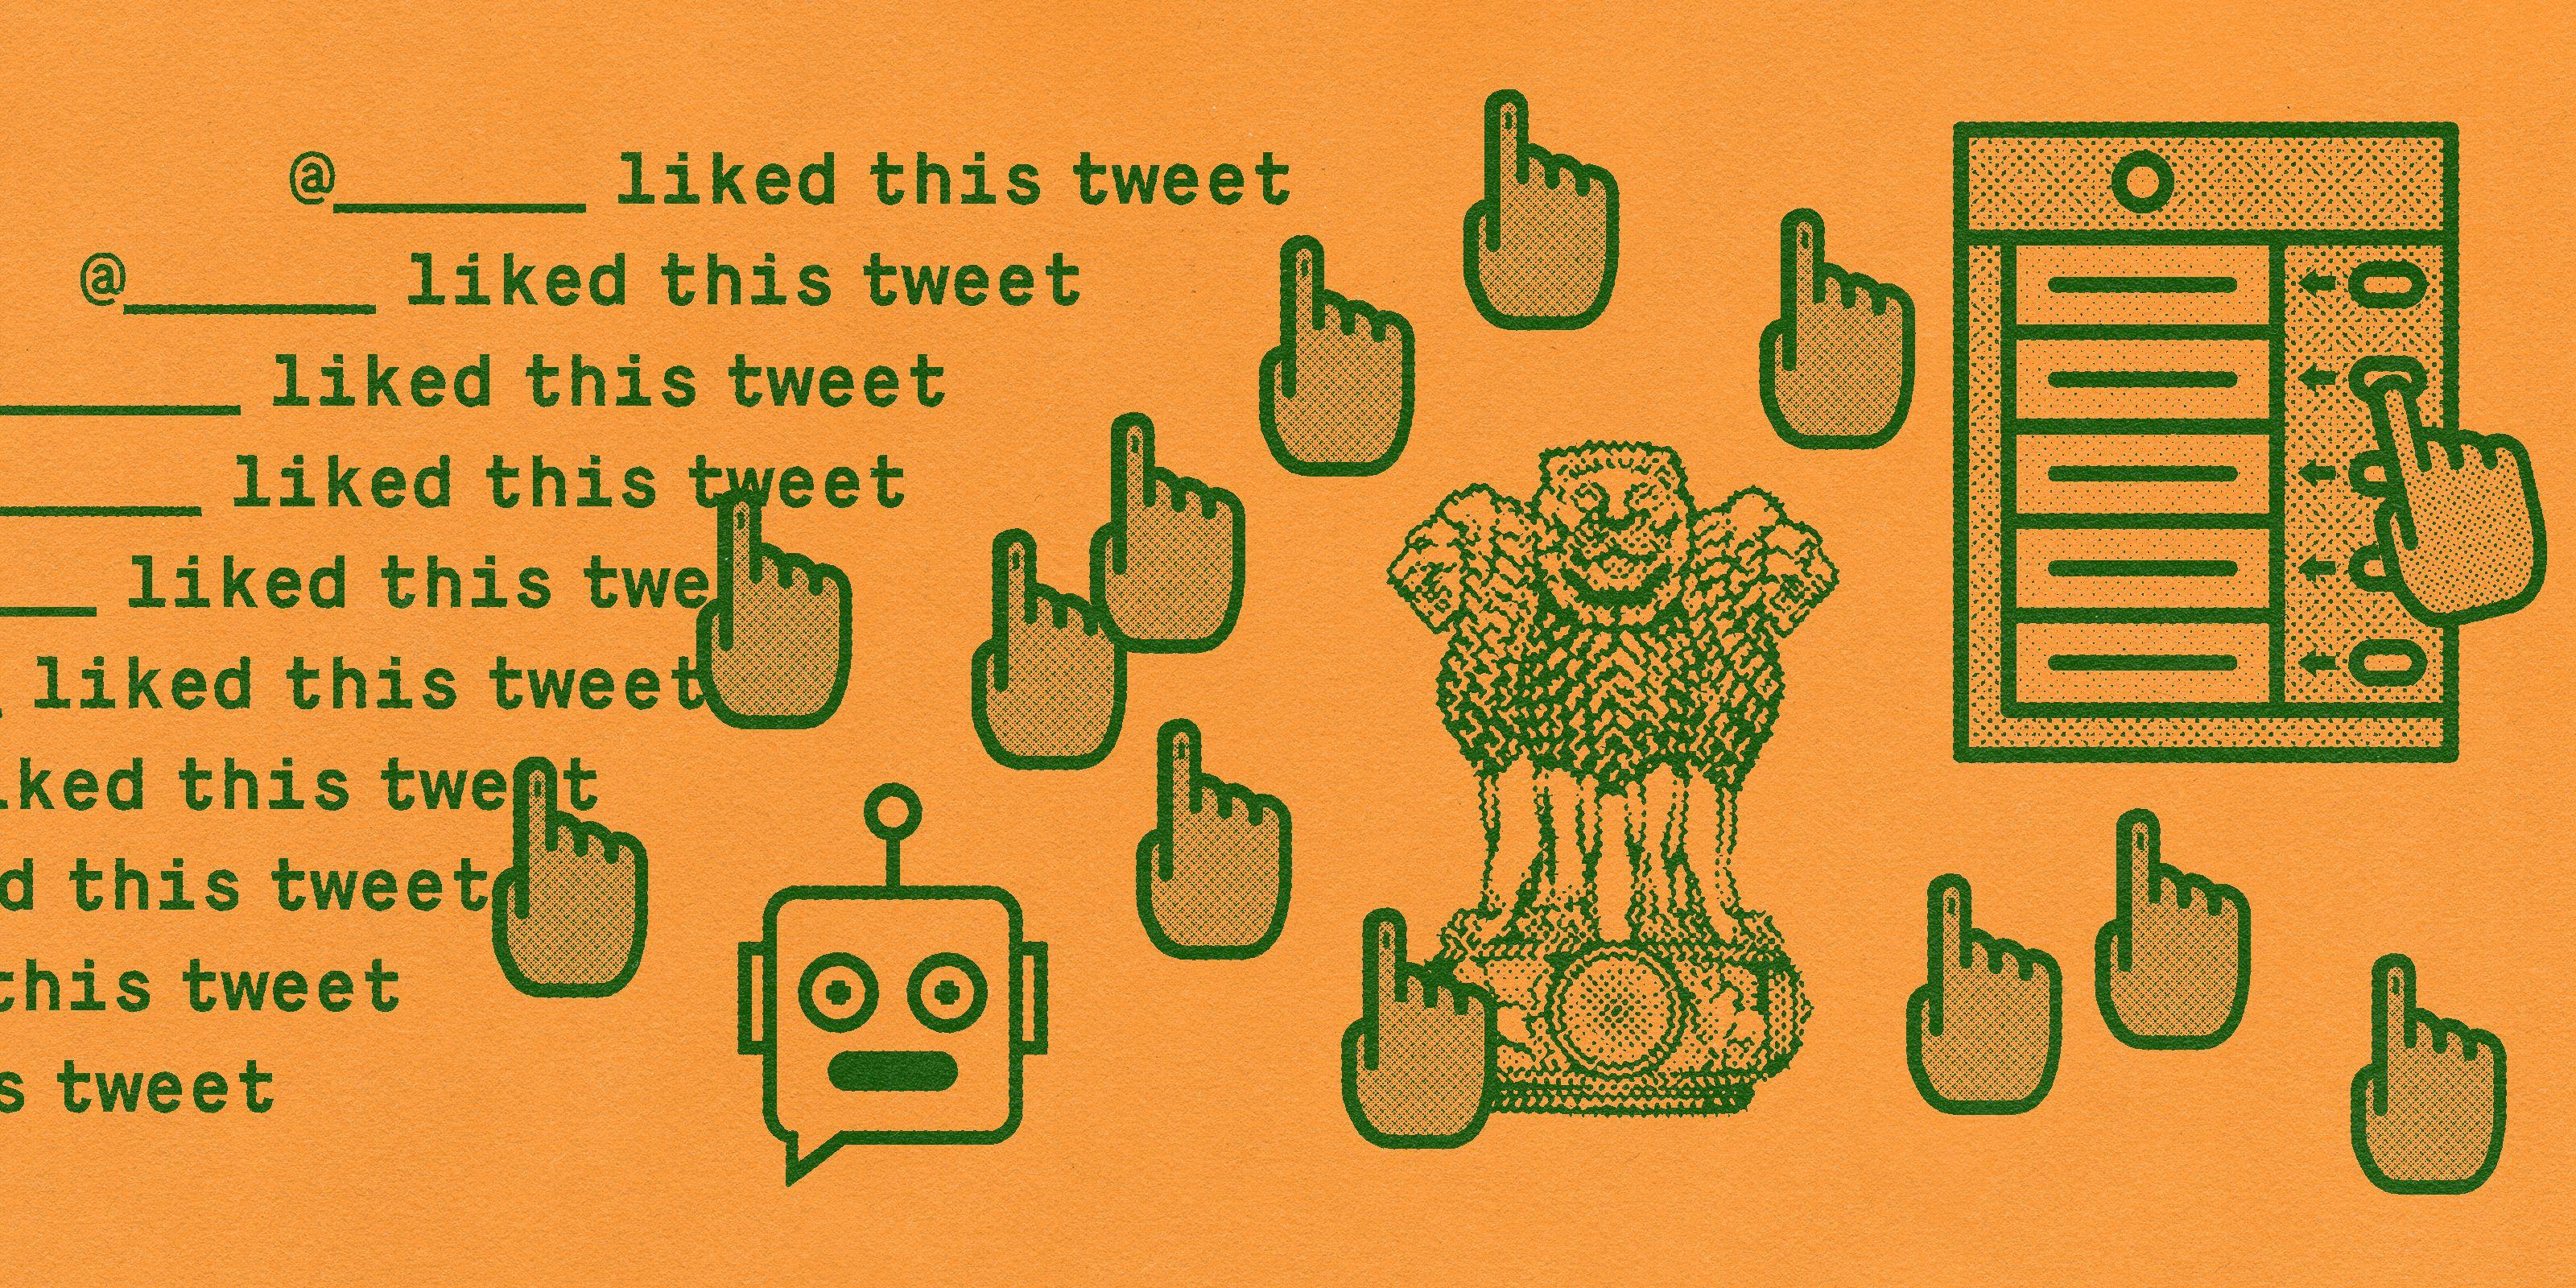 Symbols describing the India Political Watch Bot